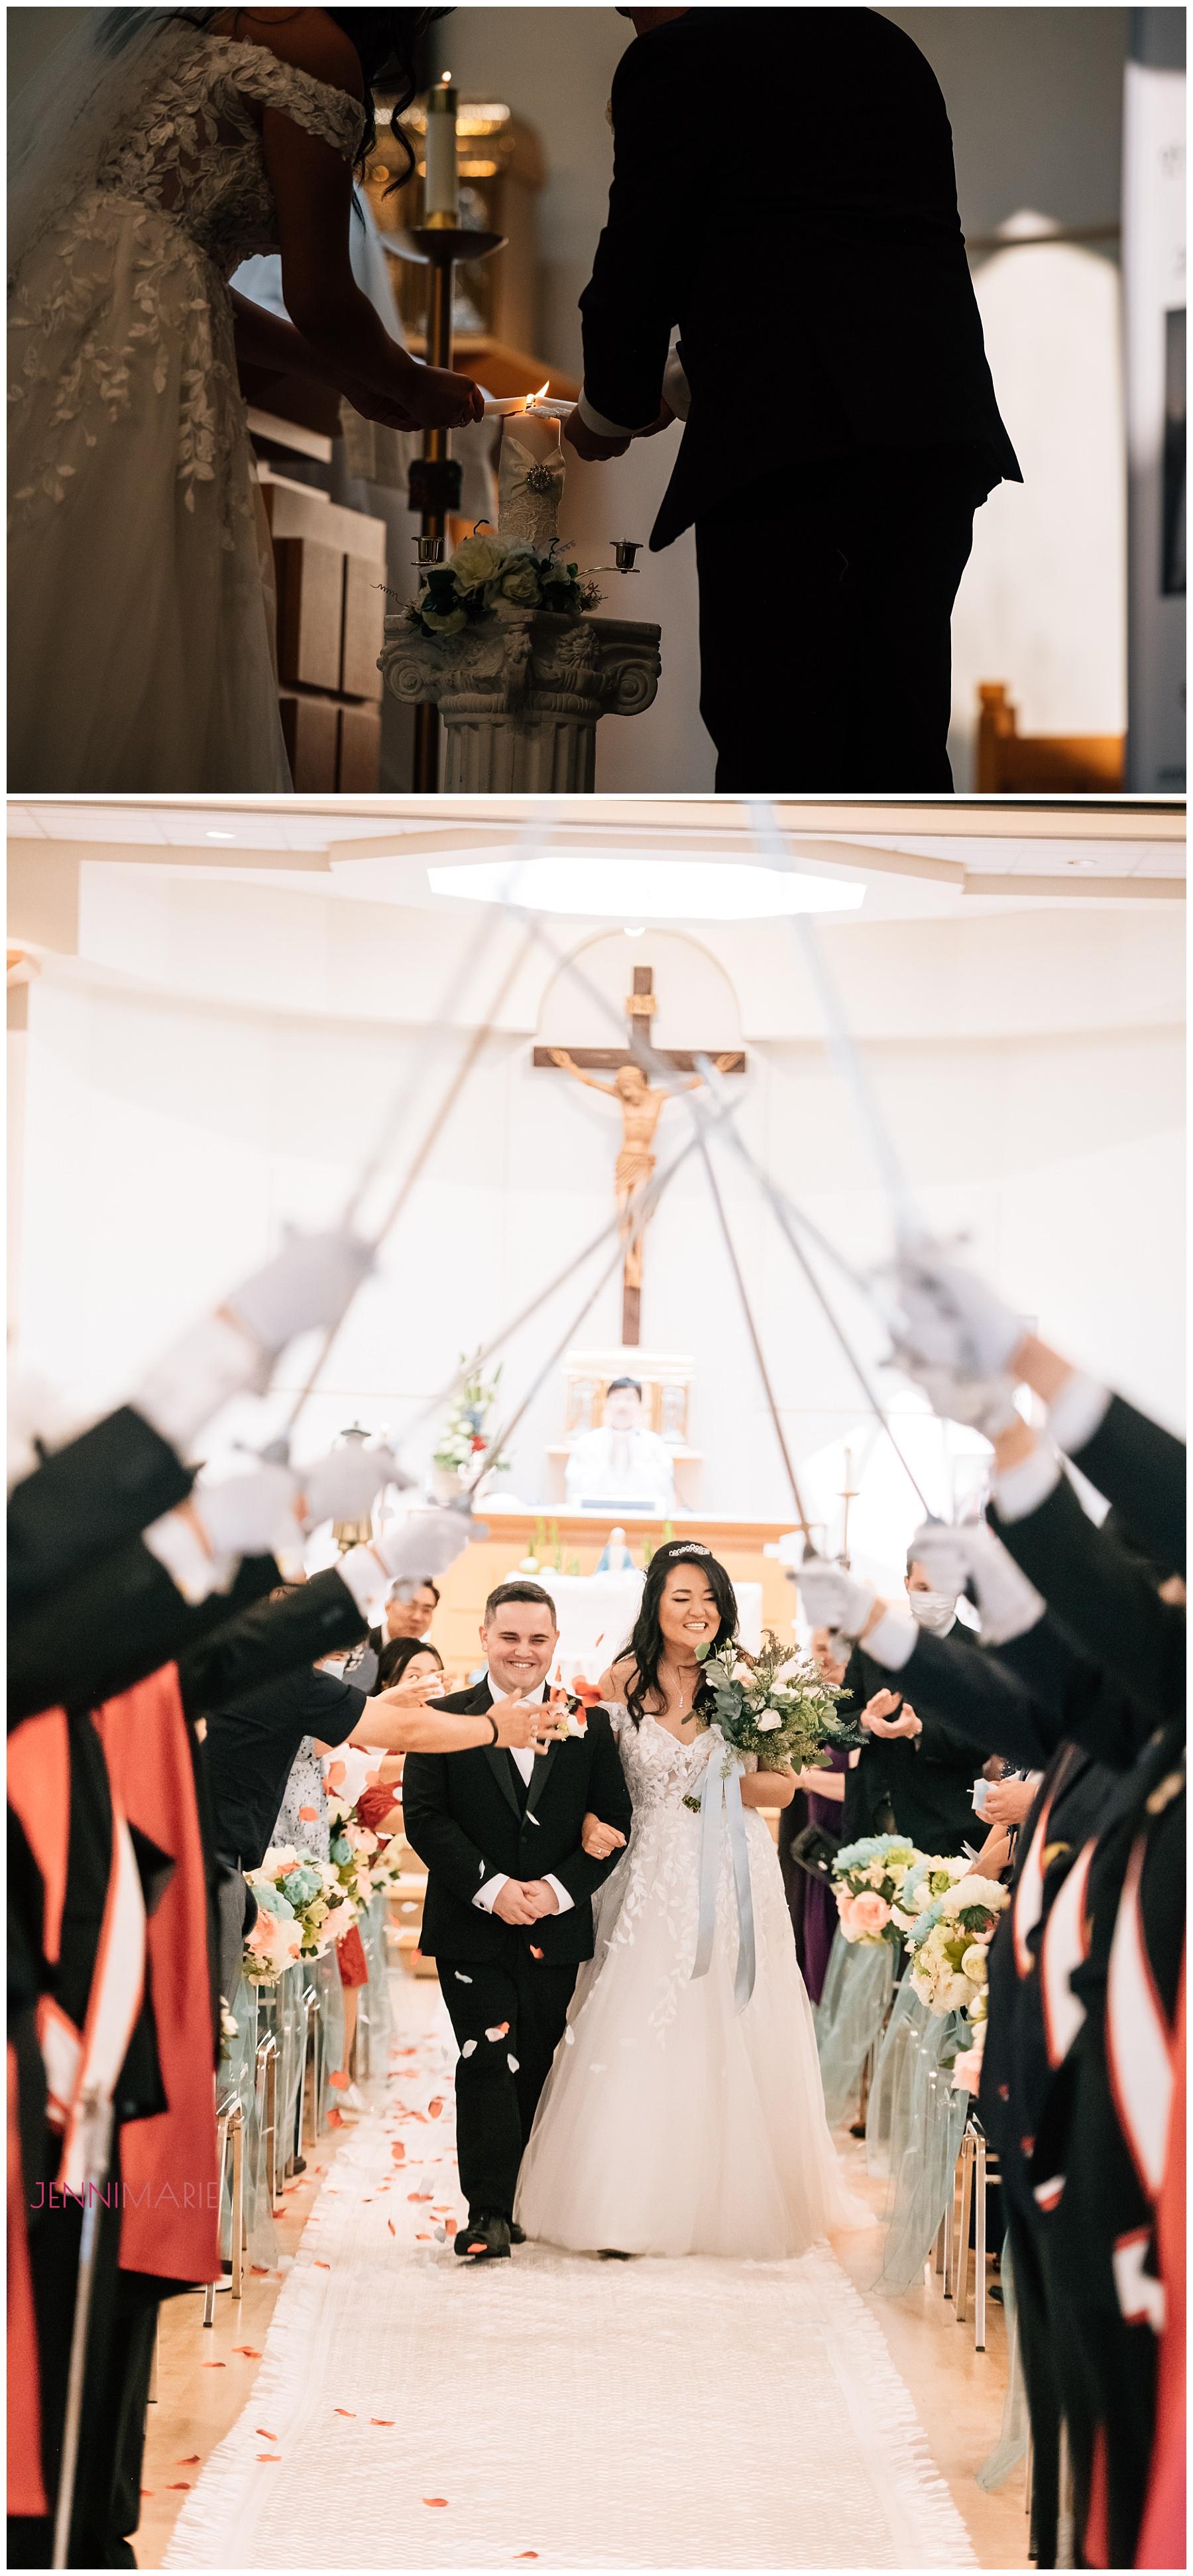 St. Andrew Kim Parish wedding